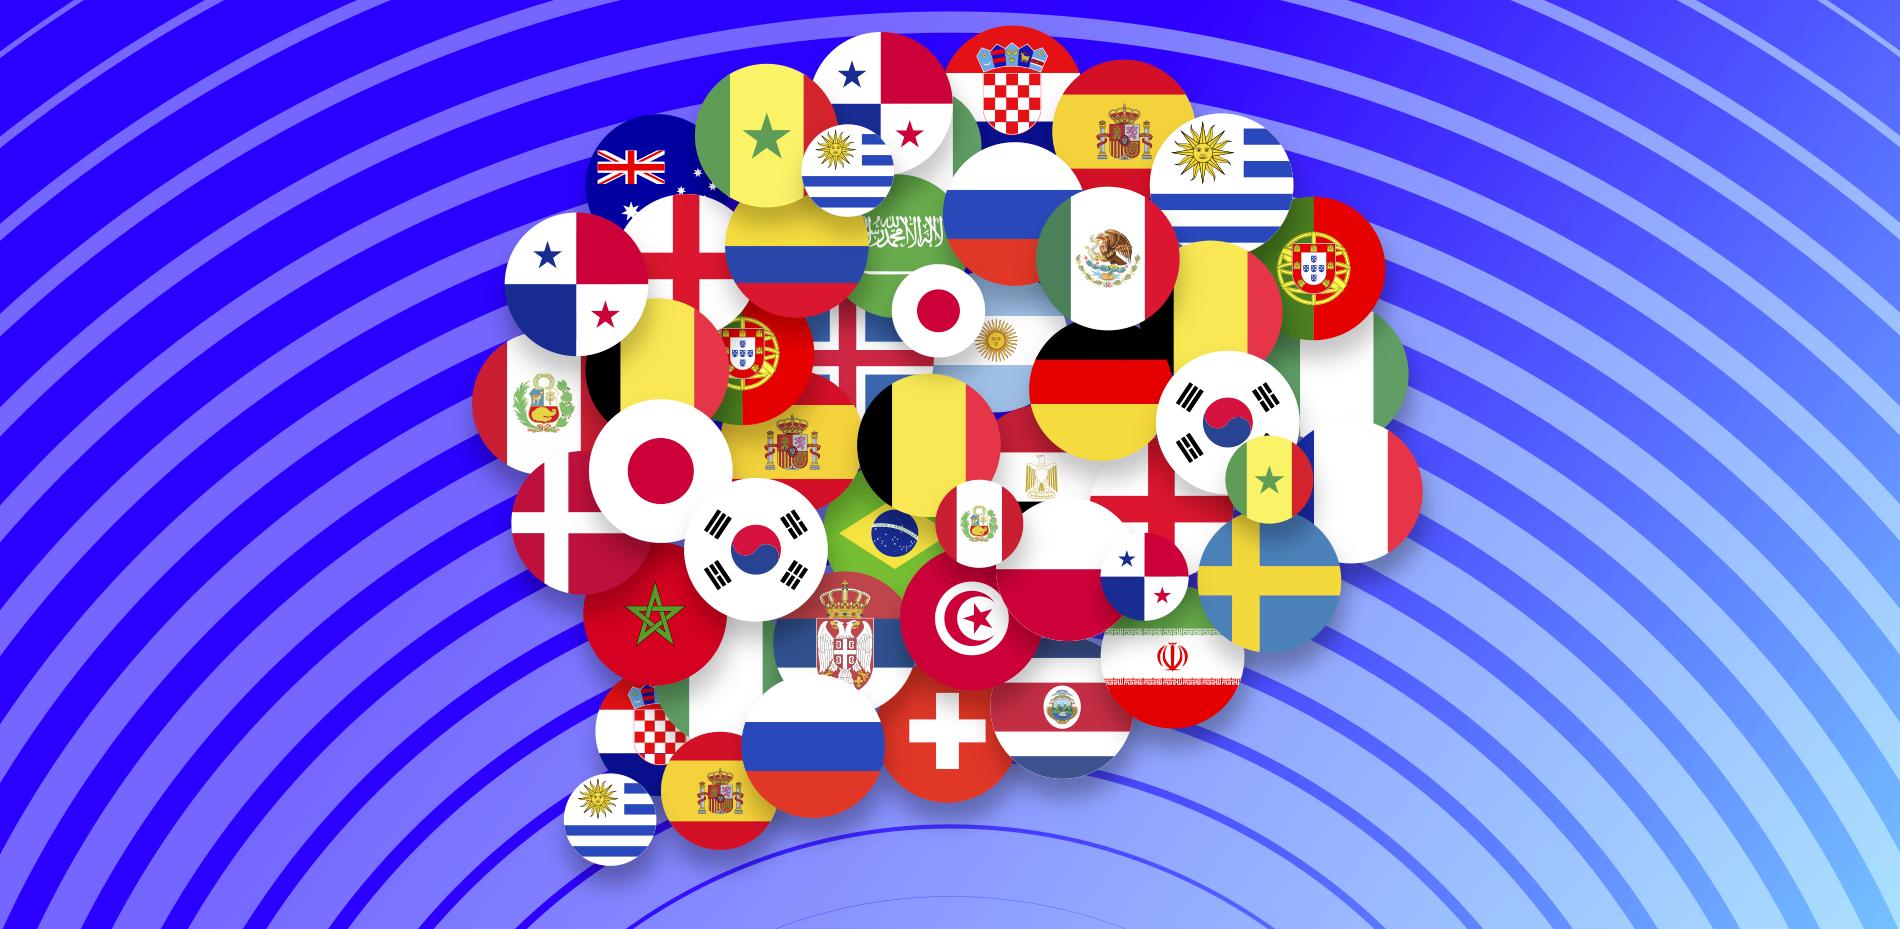 Kanadensisk lottolotto 6/49 - hur man spelar från Ryssland | lotterivärld